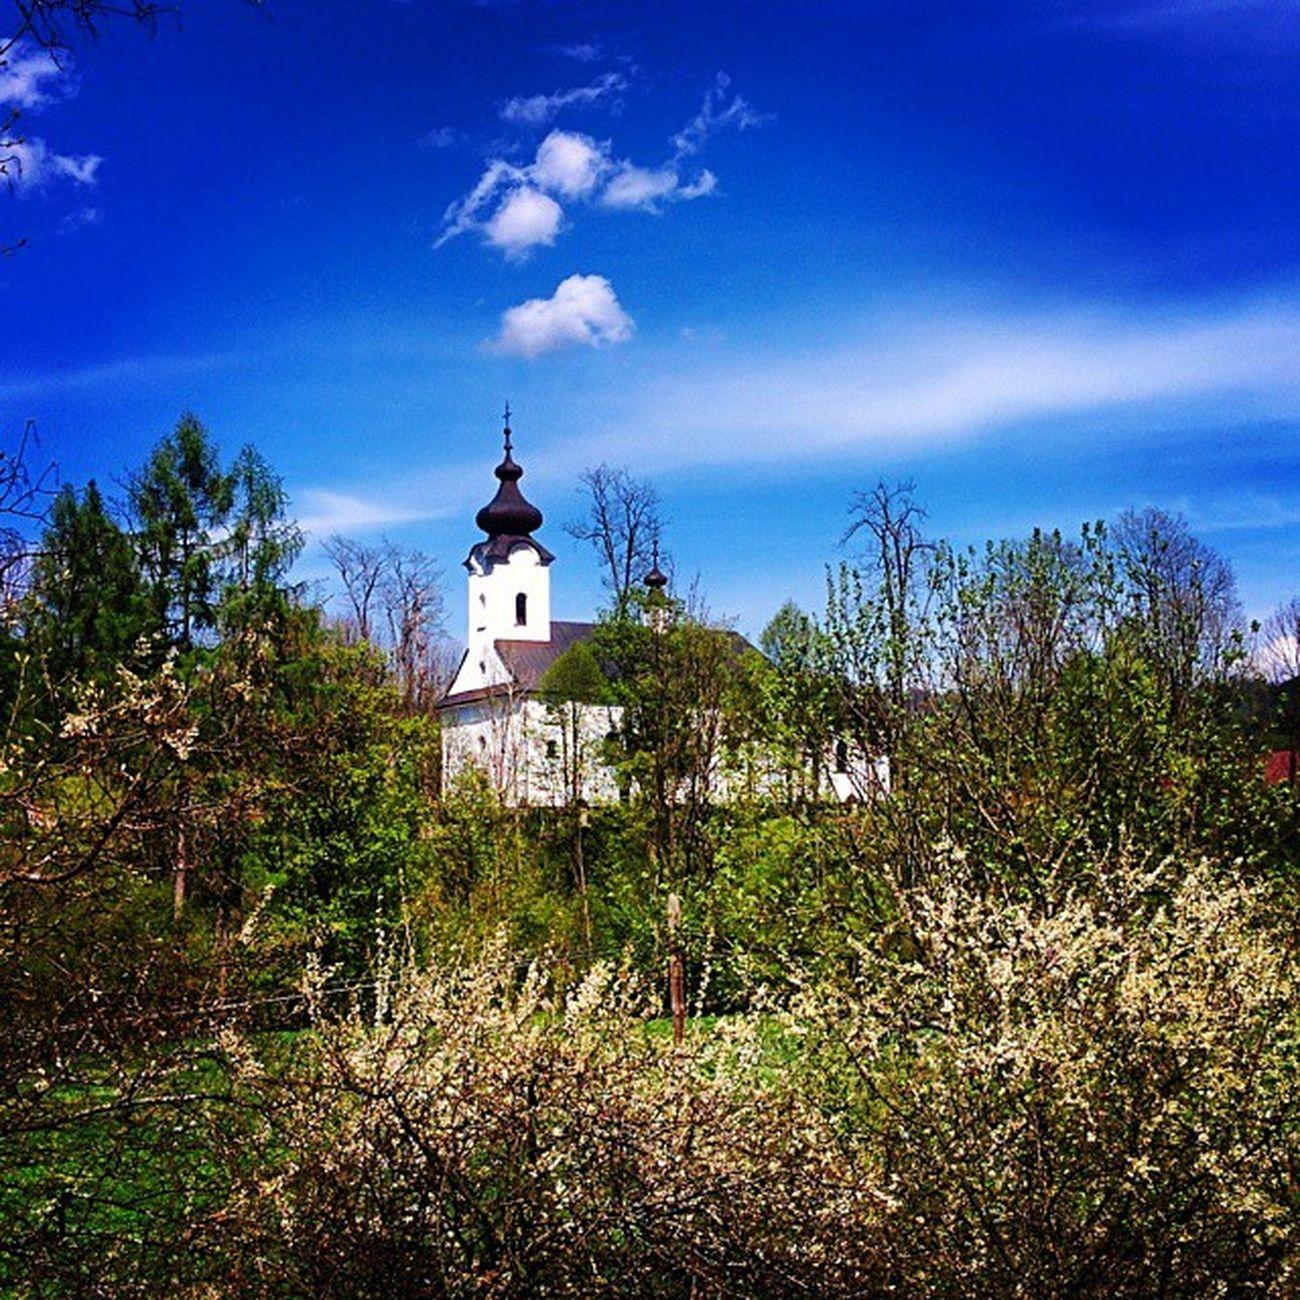 Simple White Church Poland Mountains Jaworki Architecture Nature Spring Nexus5